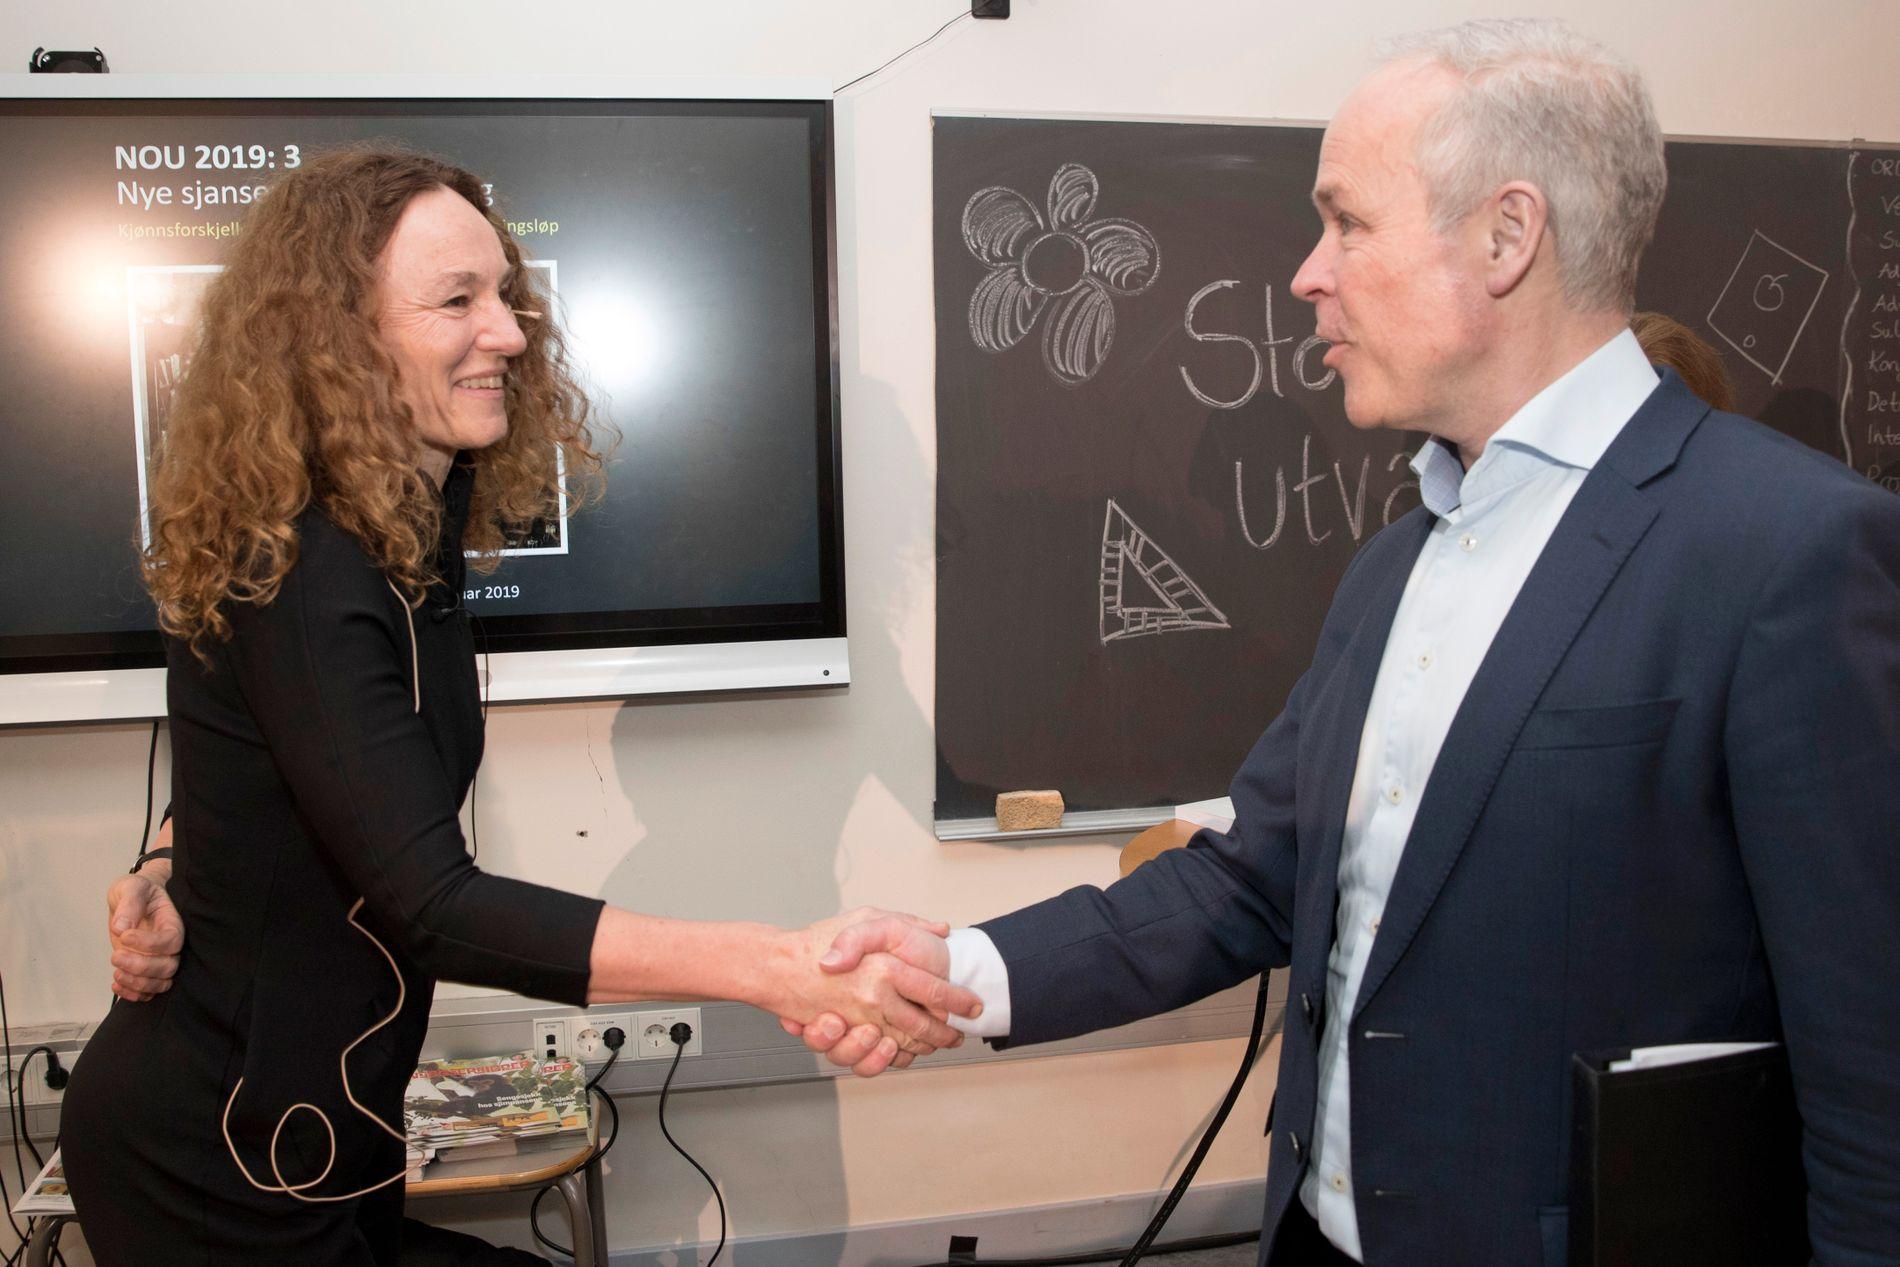 VIL LØFTE GUTTENE: Camilla Stoltenberg overleverte i dag anbefalingene fra utvalget hun selv leder til kunnskapsminister Jan Tore Sanner på Eiksmarka skole i Bærum.